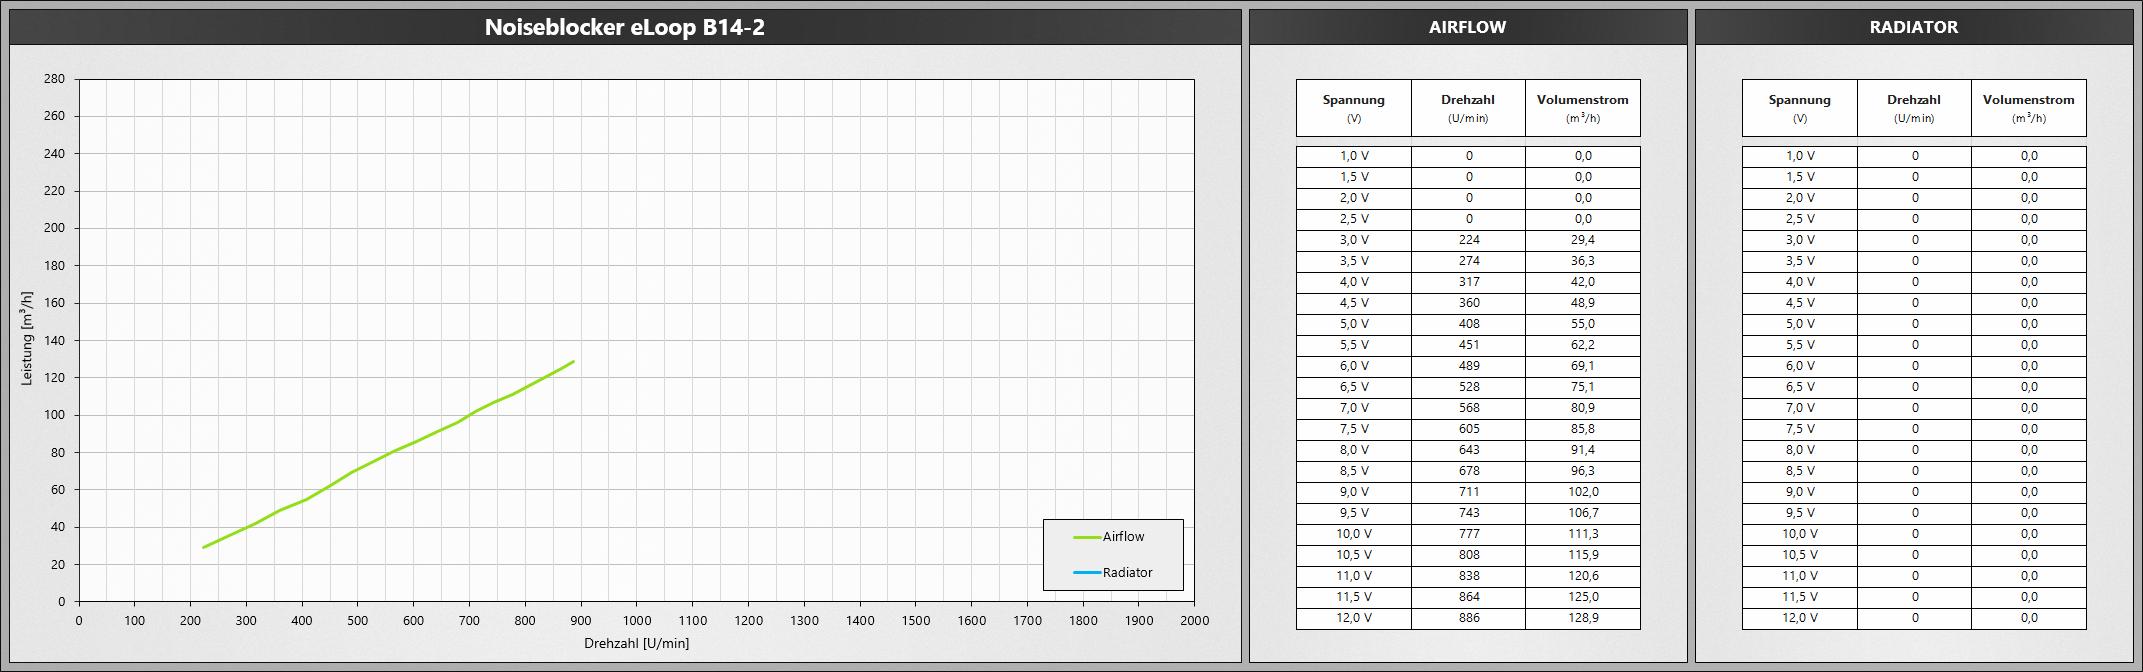 Klicken Sie auf die Grafik für eine größere Ansicht  Name:NBeLoopB142.png Hits:660 Größe:466,3 KB ID:1074770